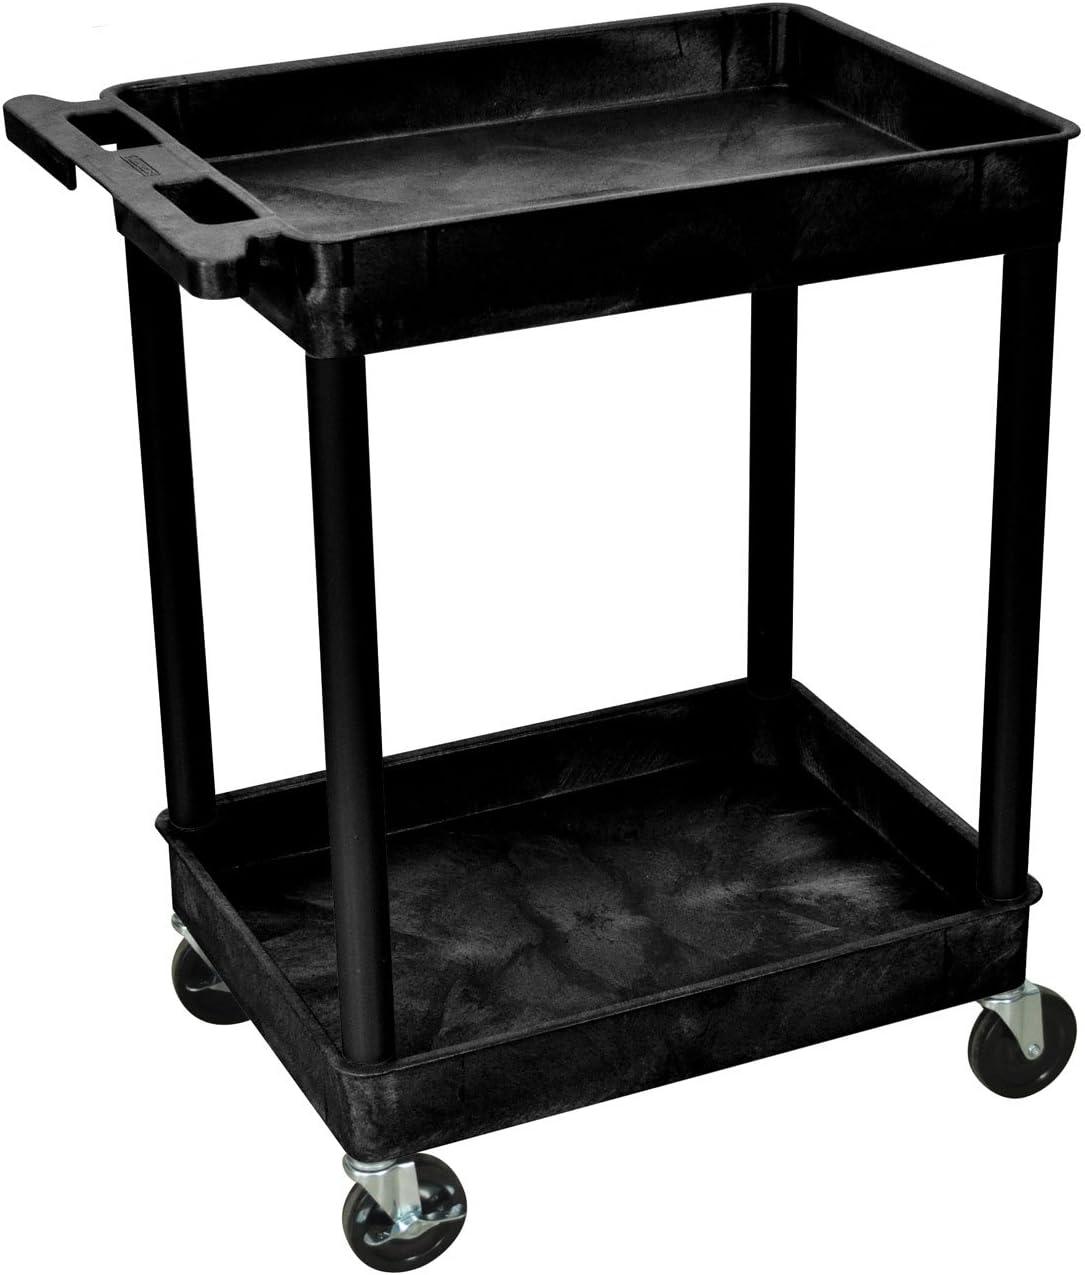 Luxor 2 Shelf Rolling Utility Cart w/ Heavy Duty Casters - Black